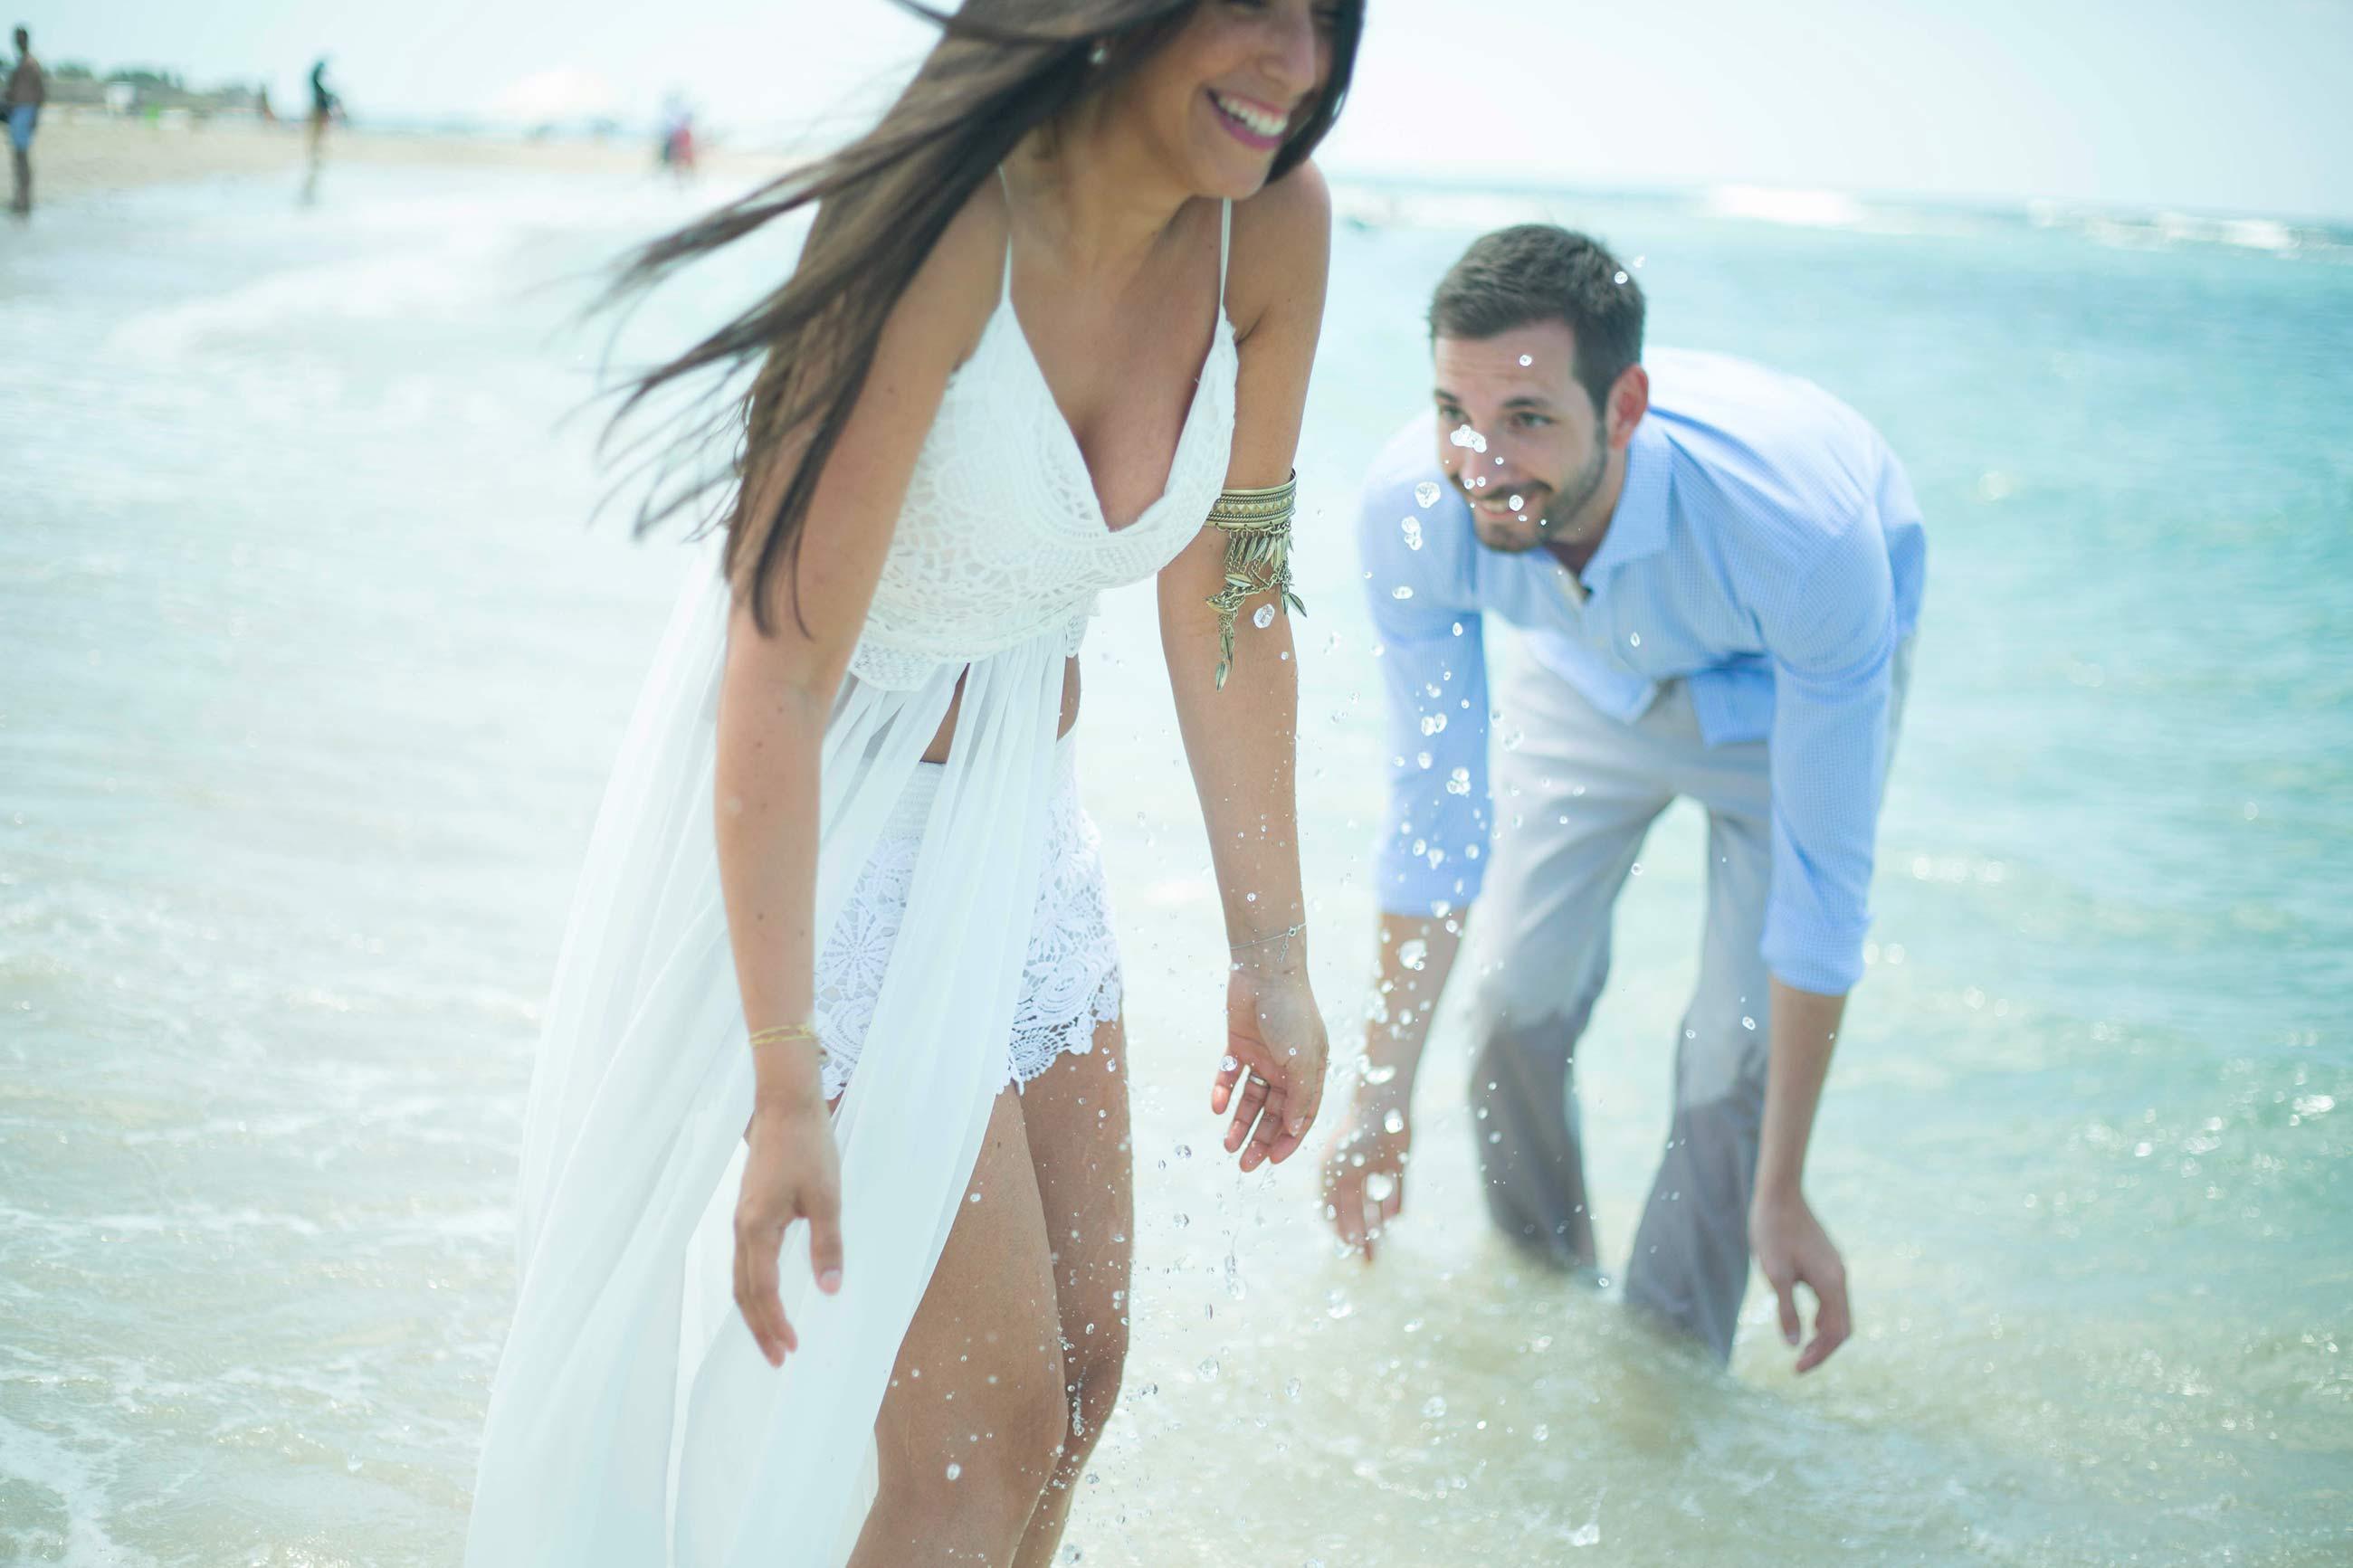 lea-jeremie-mariage-tel-aviv-israel-photographe-paris-video12